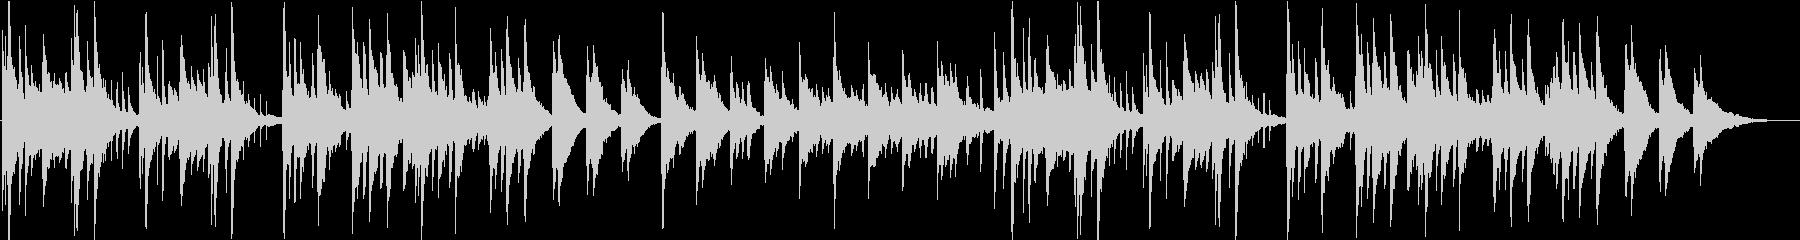 切ないメロディの新感覚ヒーリングピアノの未再生の波形